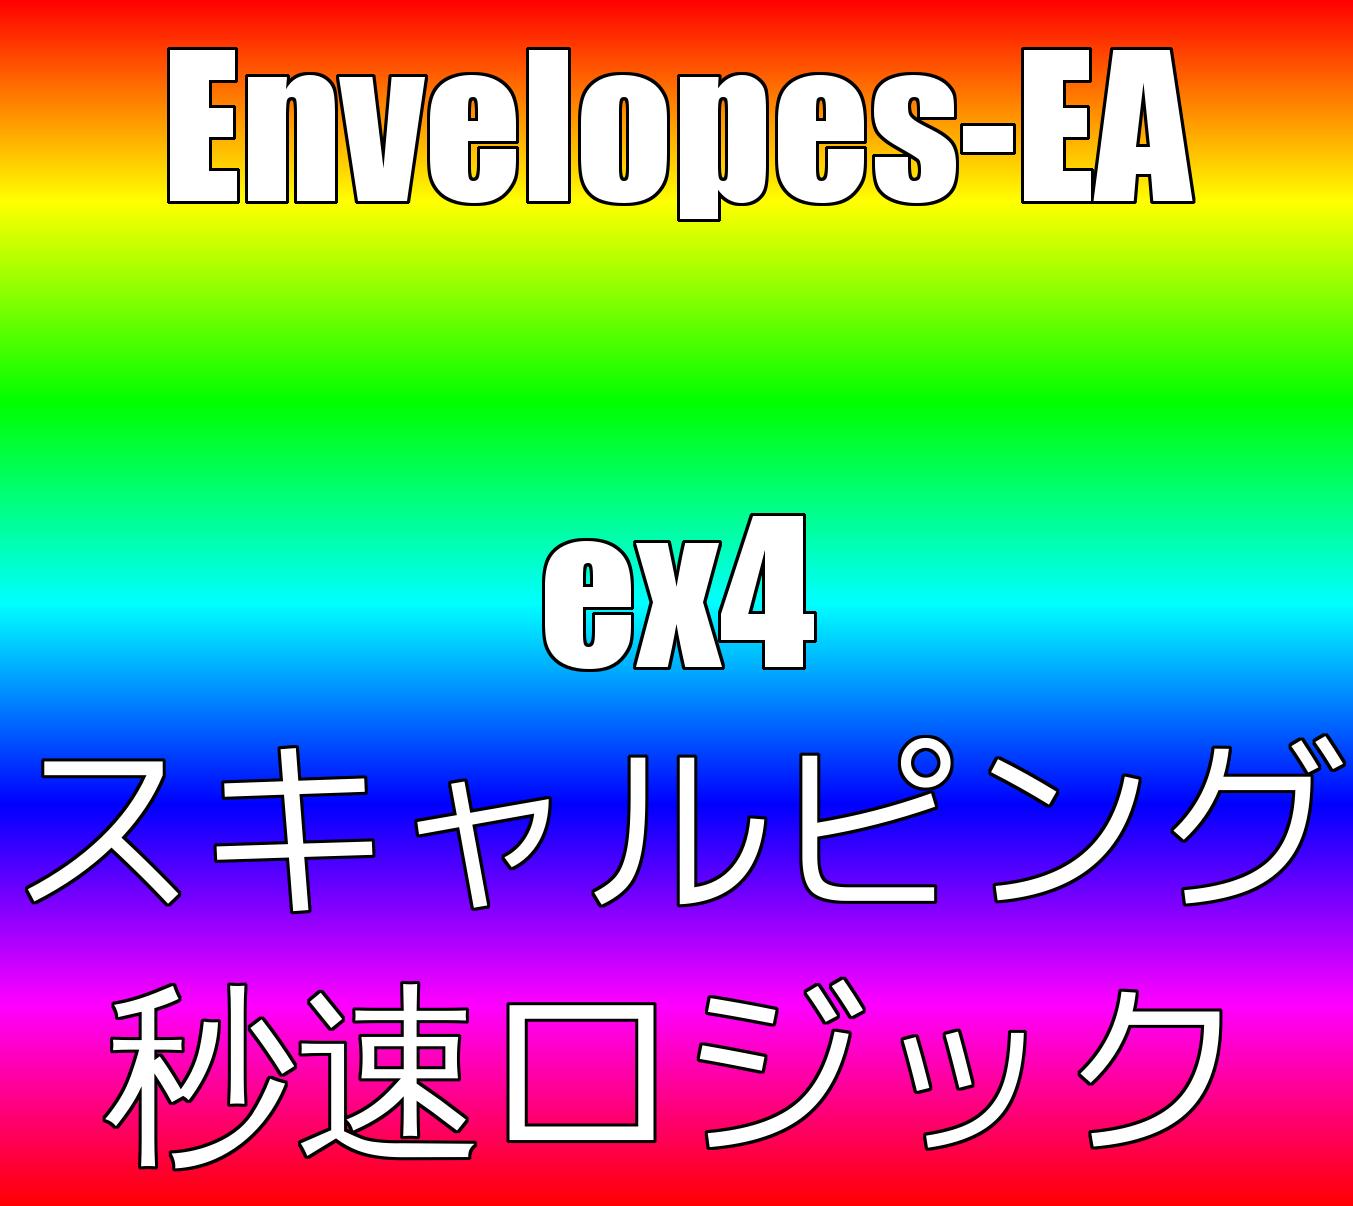 Envelopes-3  短期スキャルピングは10年間PF4.65